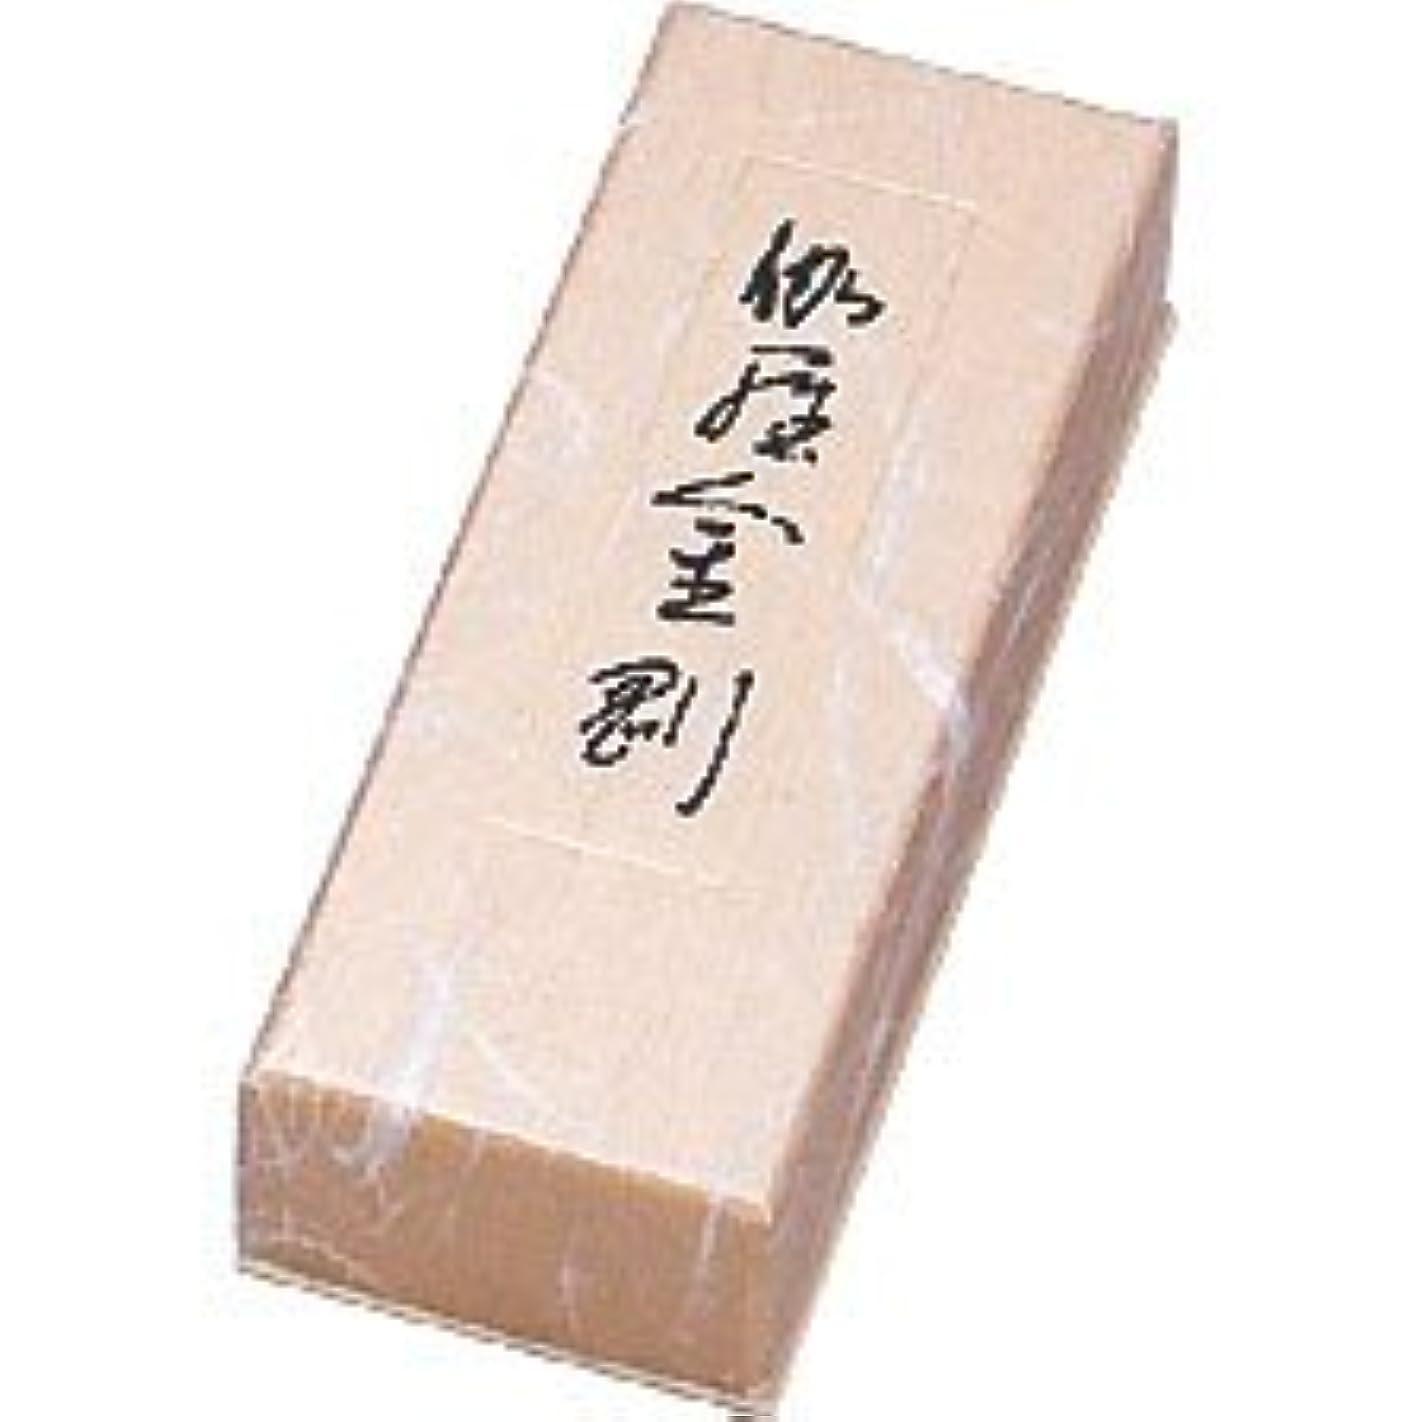 メロドラマティック製造有効化Nippon Kodo – Kyara Kongo ( Selected Aloeswood150 sticks